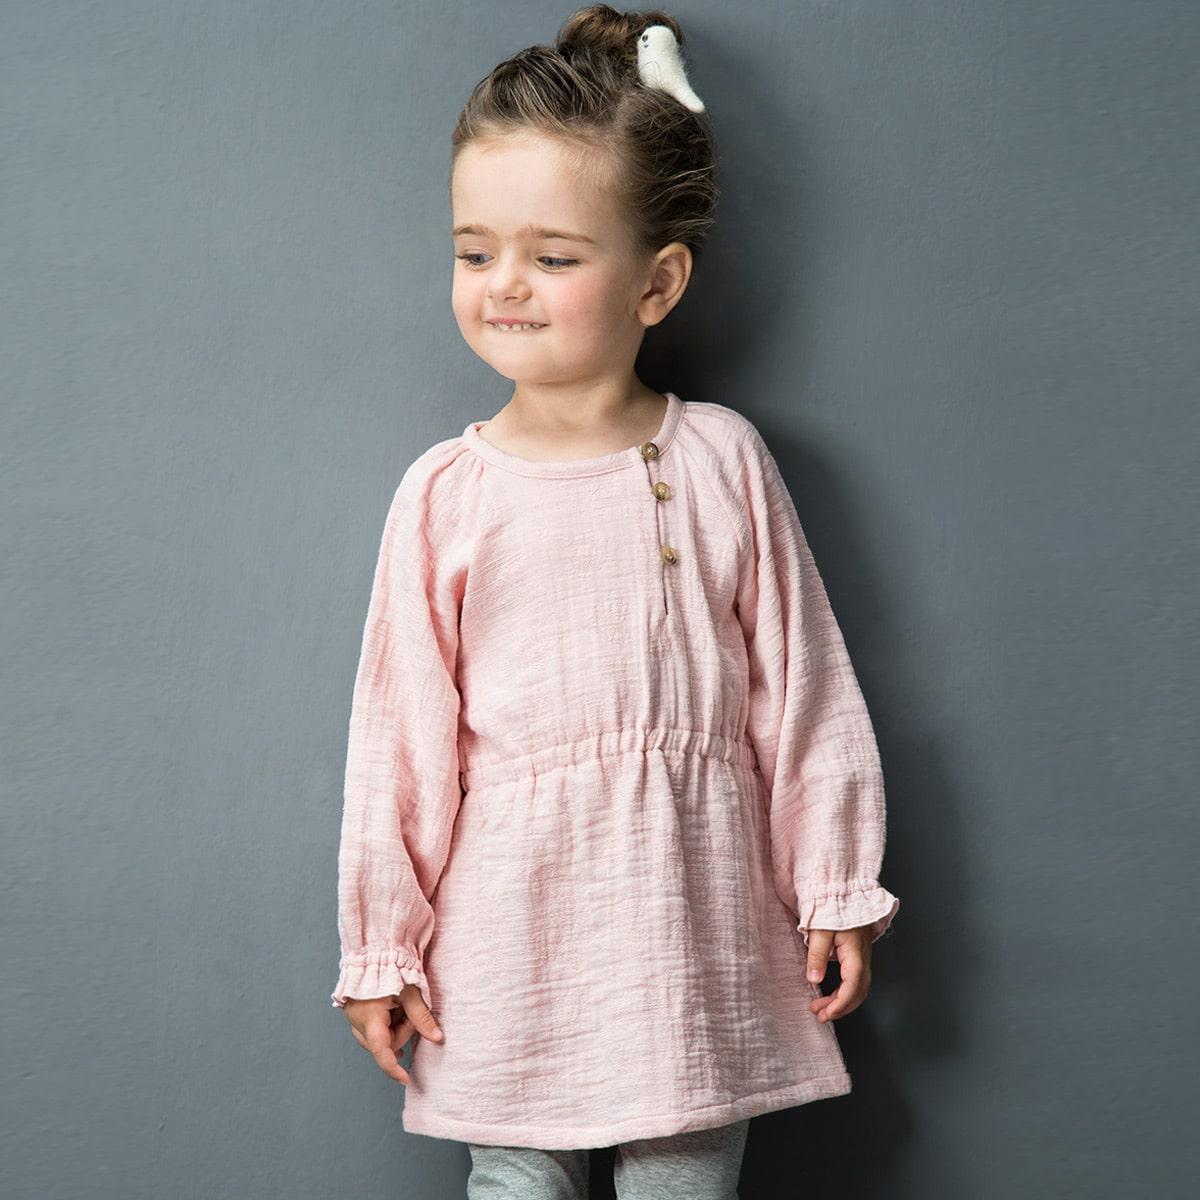 Однотонное платье с пуговицами для девочек